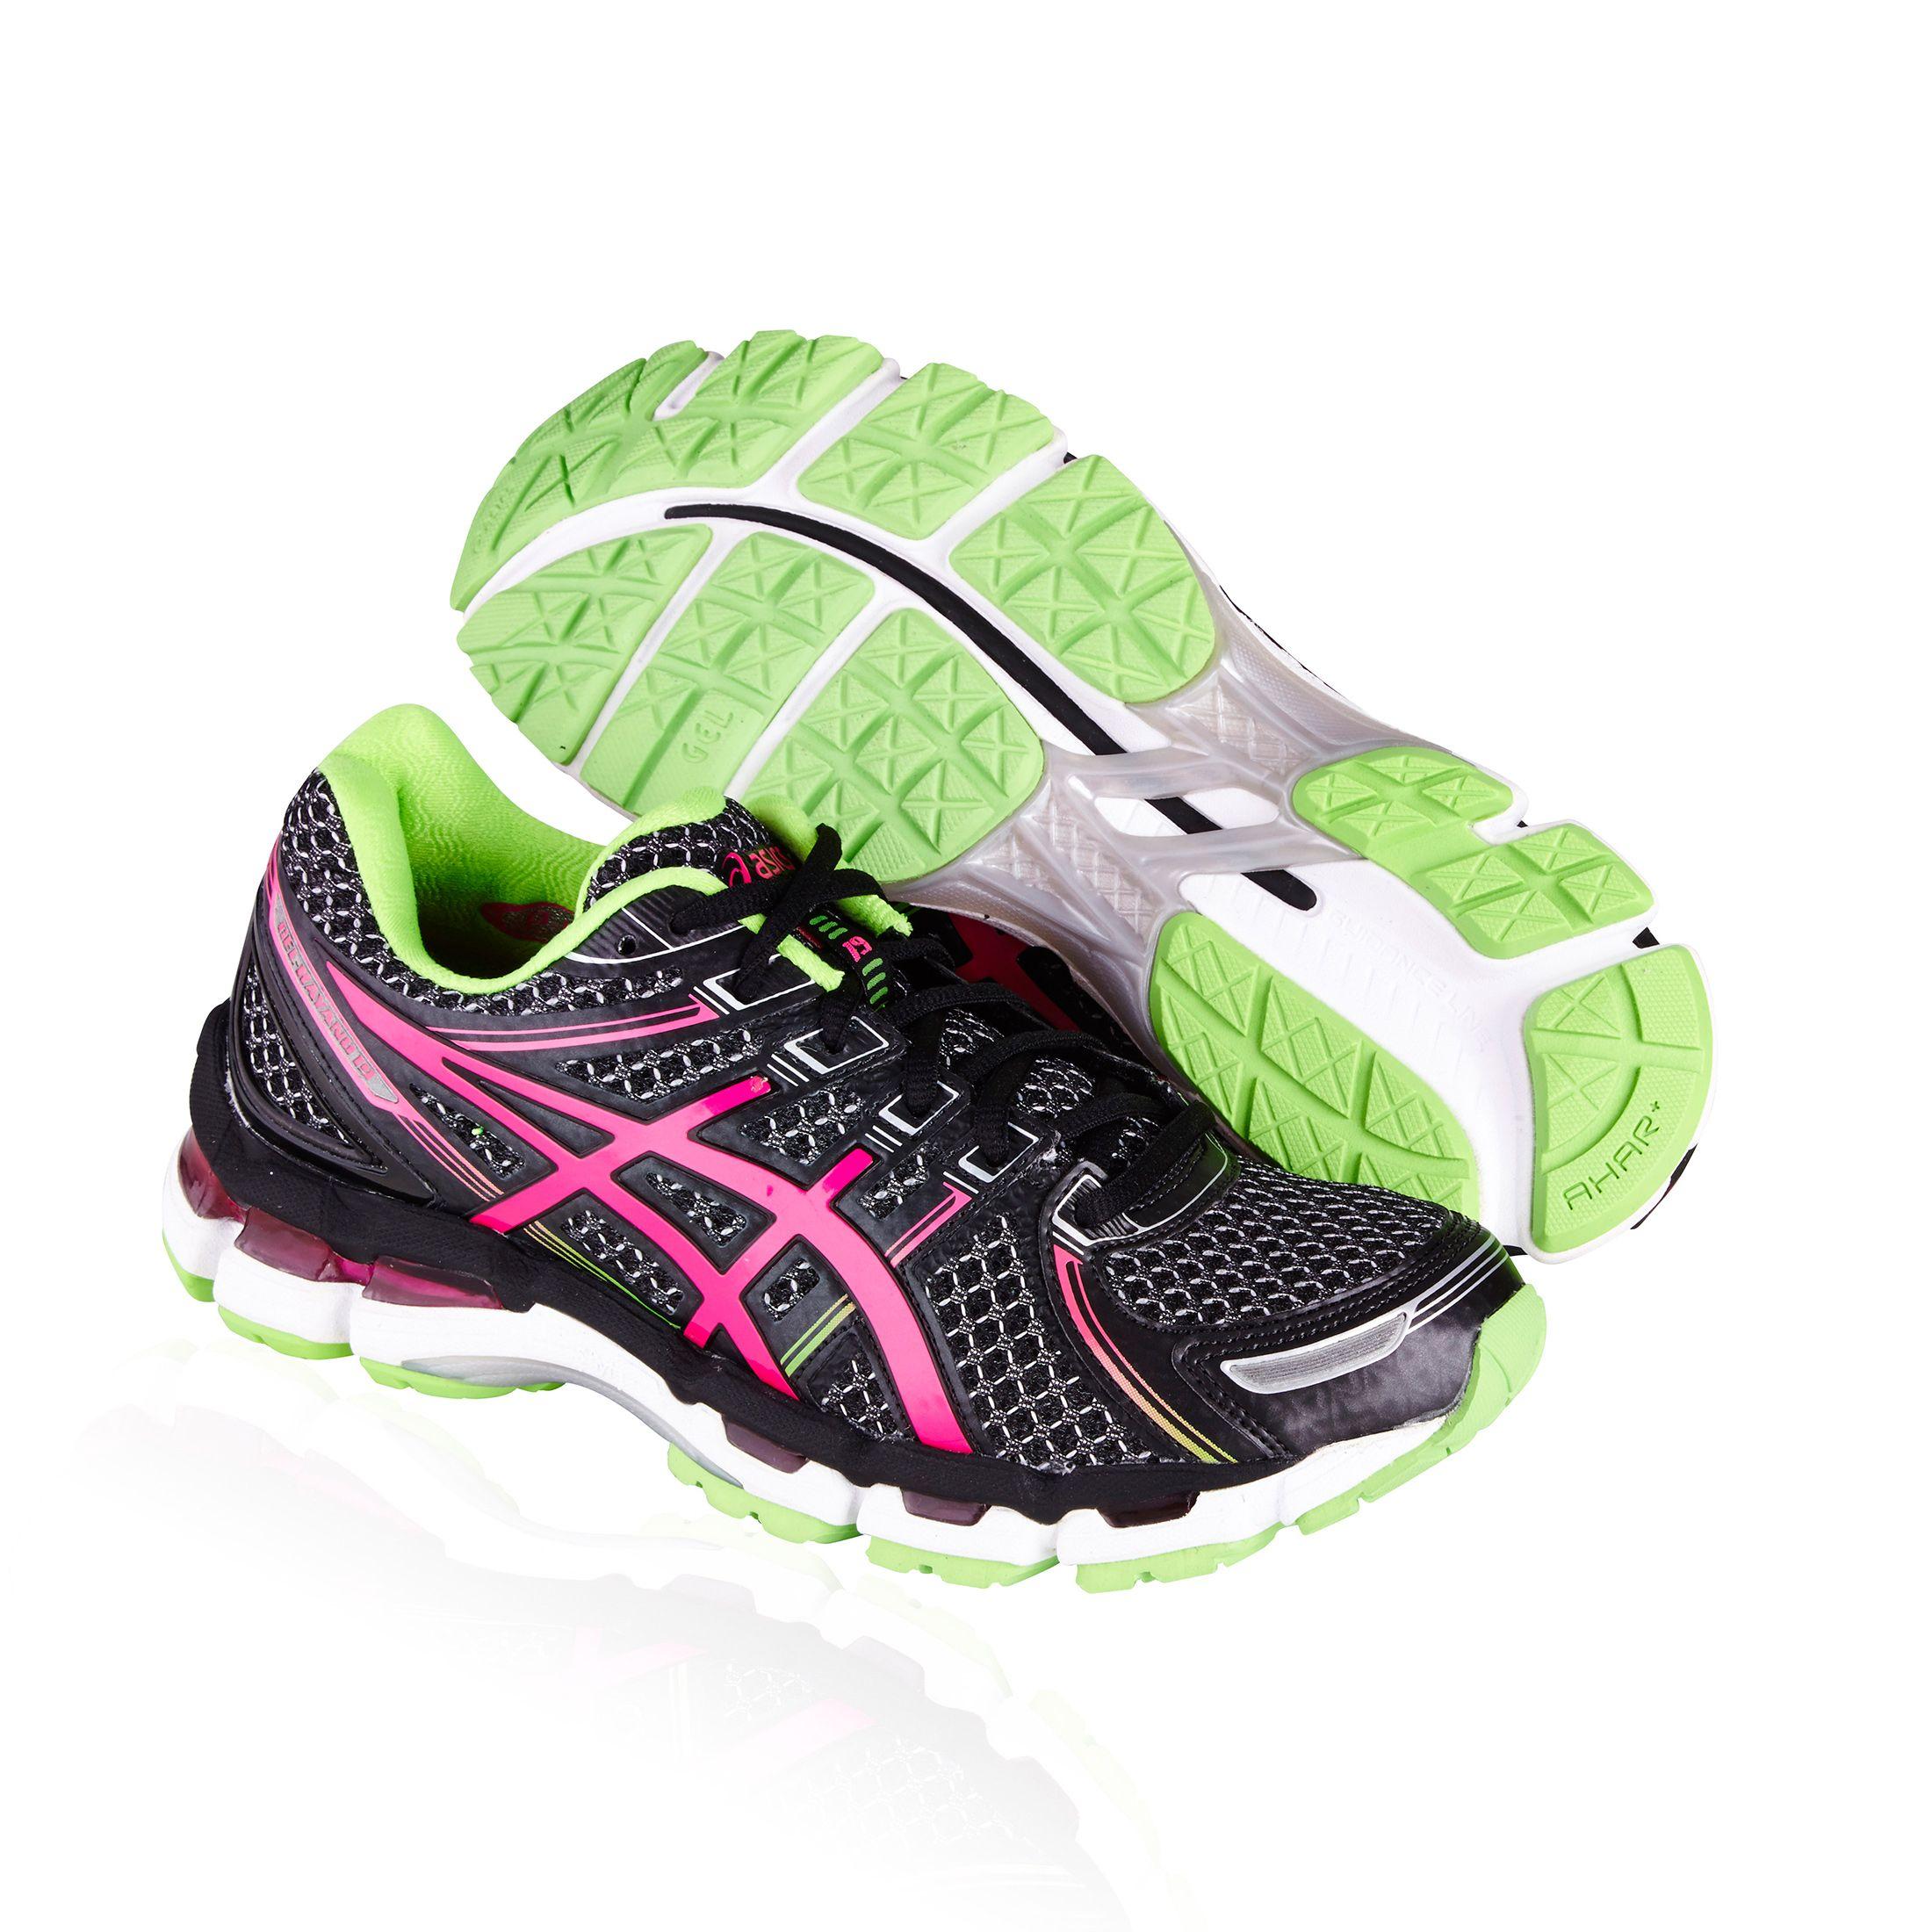 Asics Gel Kayano 19 Running Shoe Black Electric Pink Apple With